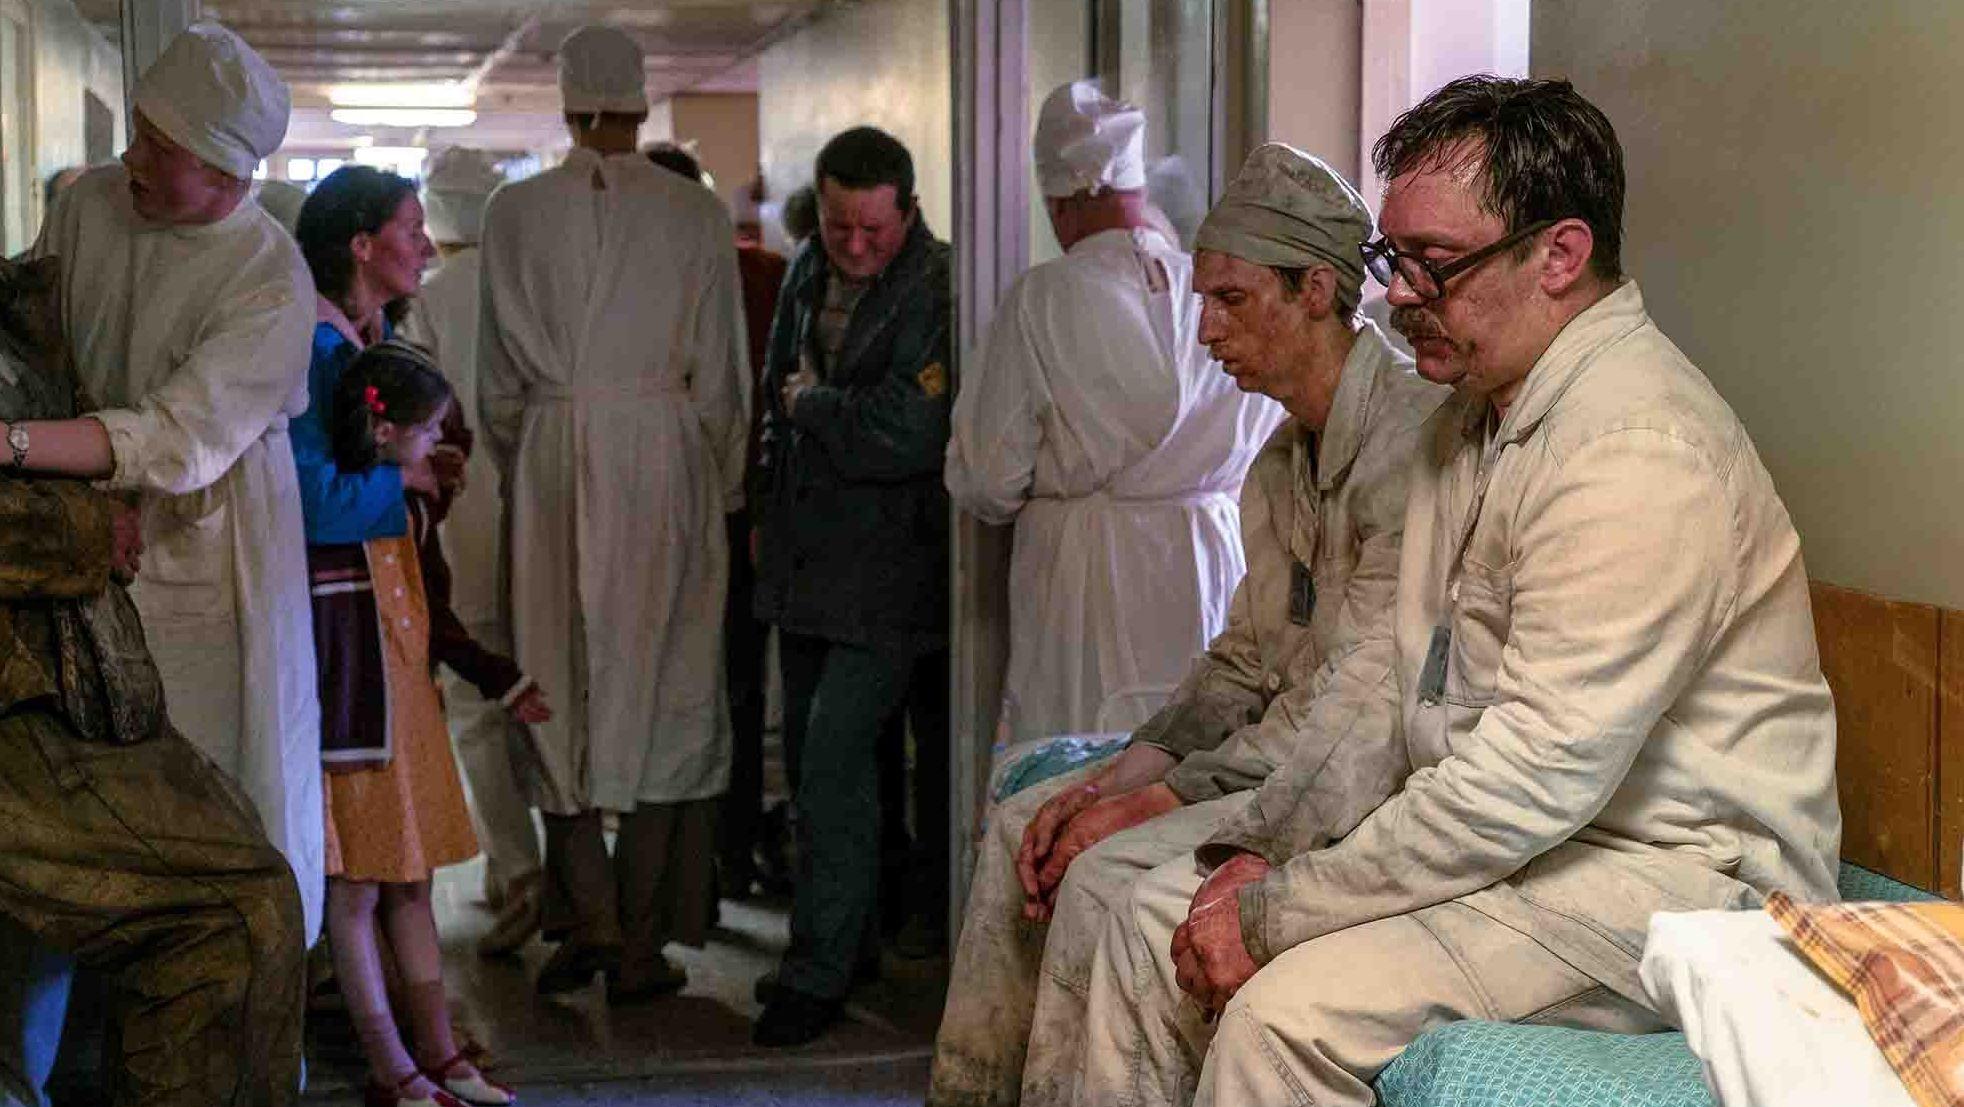 Verstrahlte Menschen im überfüllten Krankenhausflur